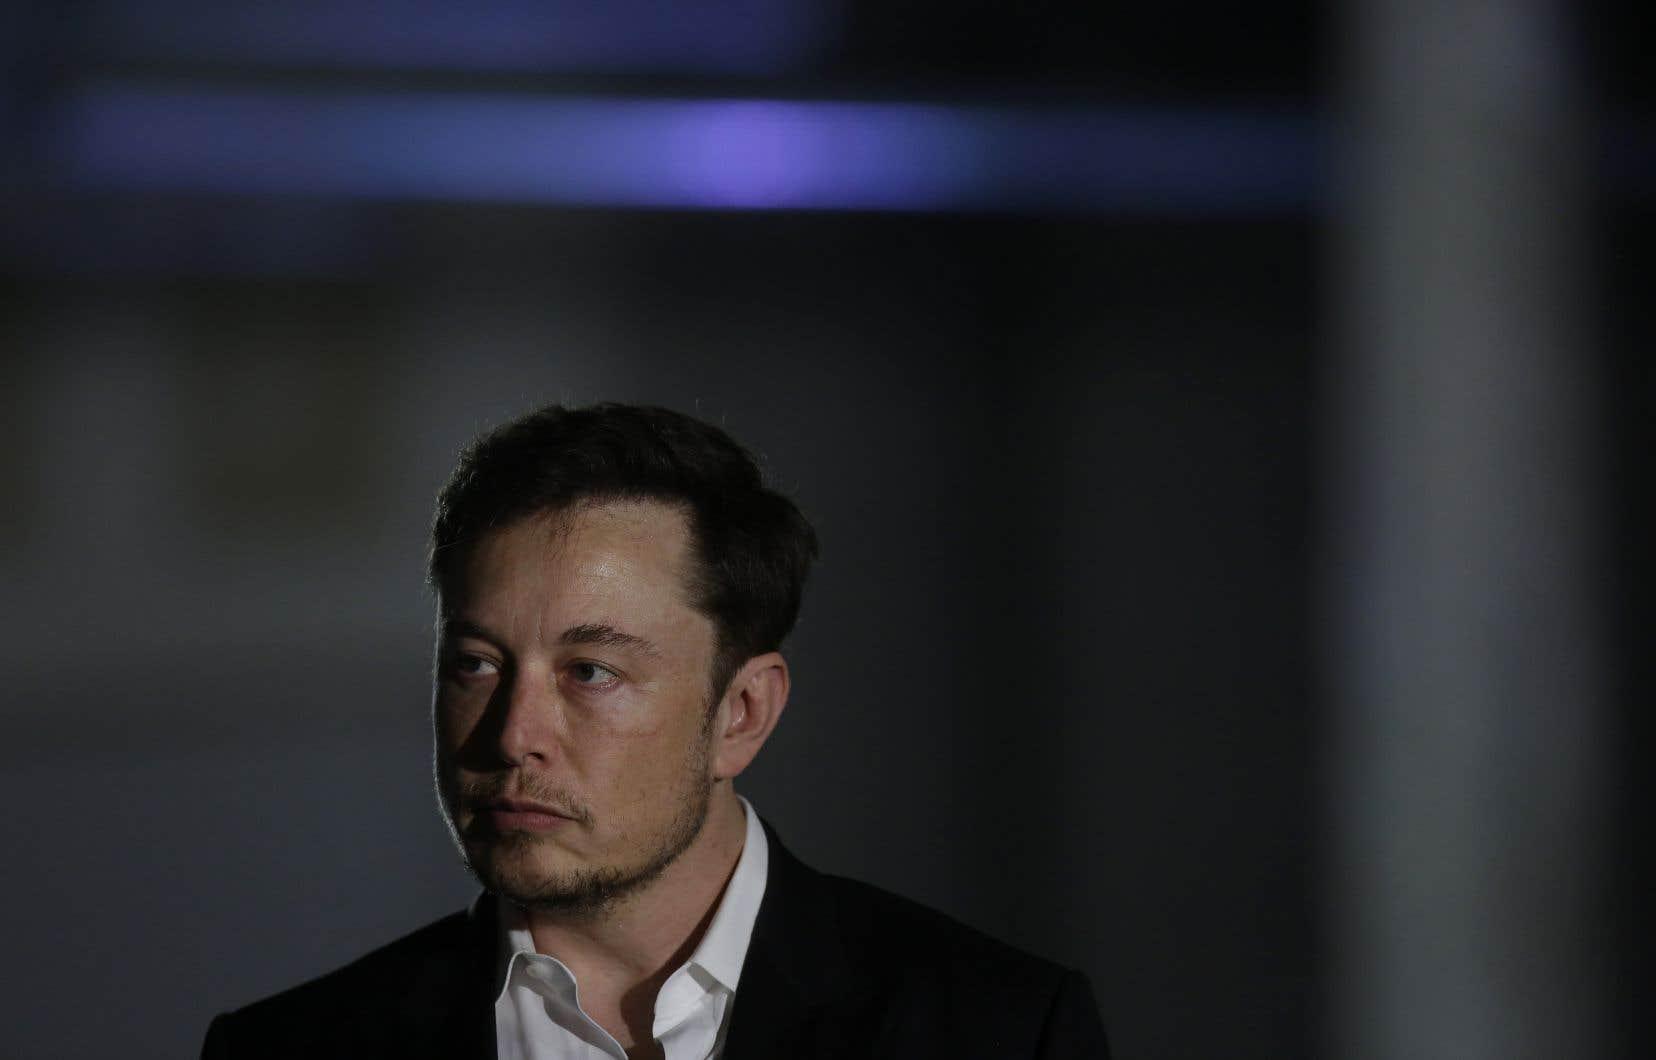 Déjà critiqué pour ses frasques, le p.-d.g. de Tesla, Elon Musk, a de nouveau fait parler de lui avec une entrevue déjantée.